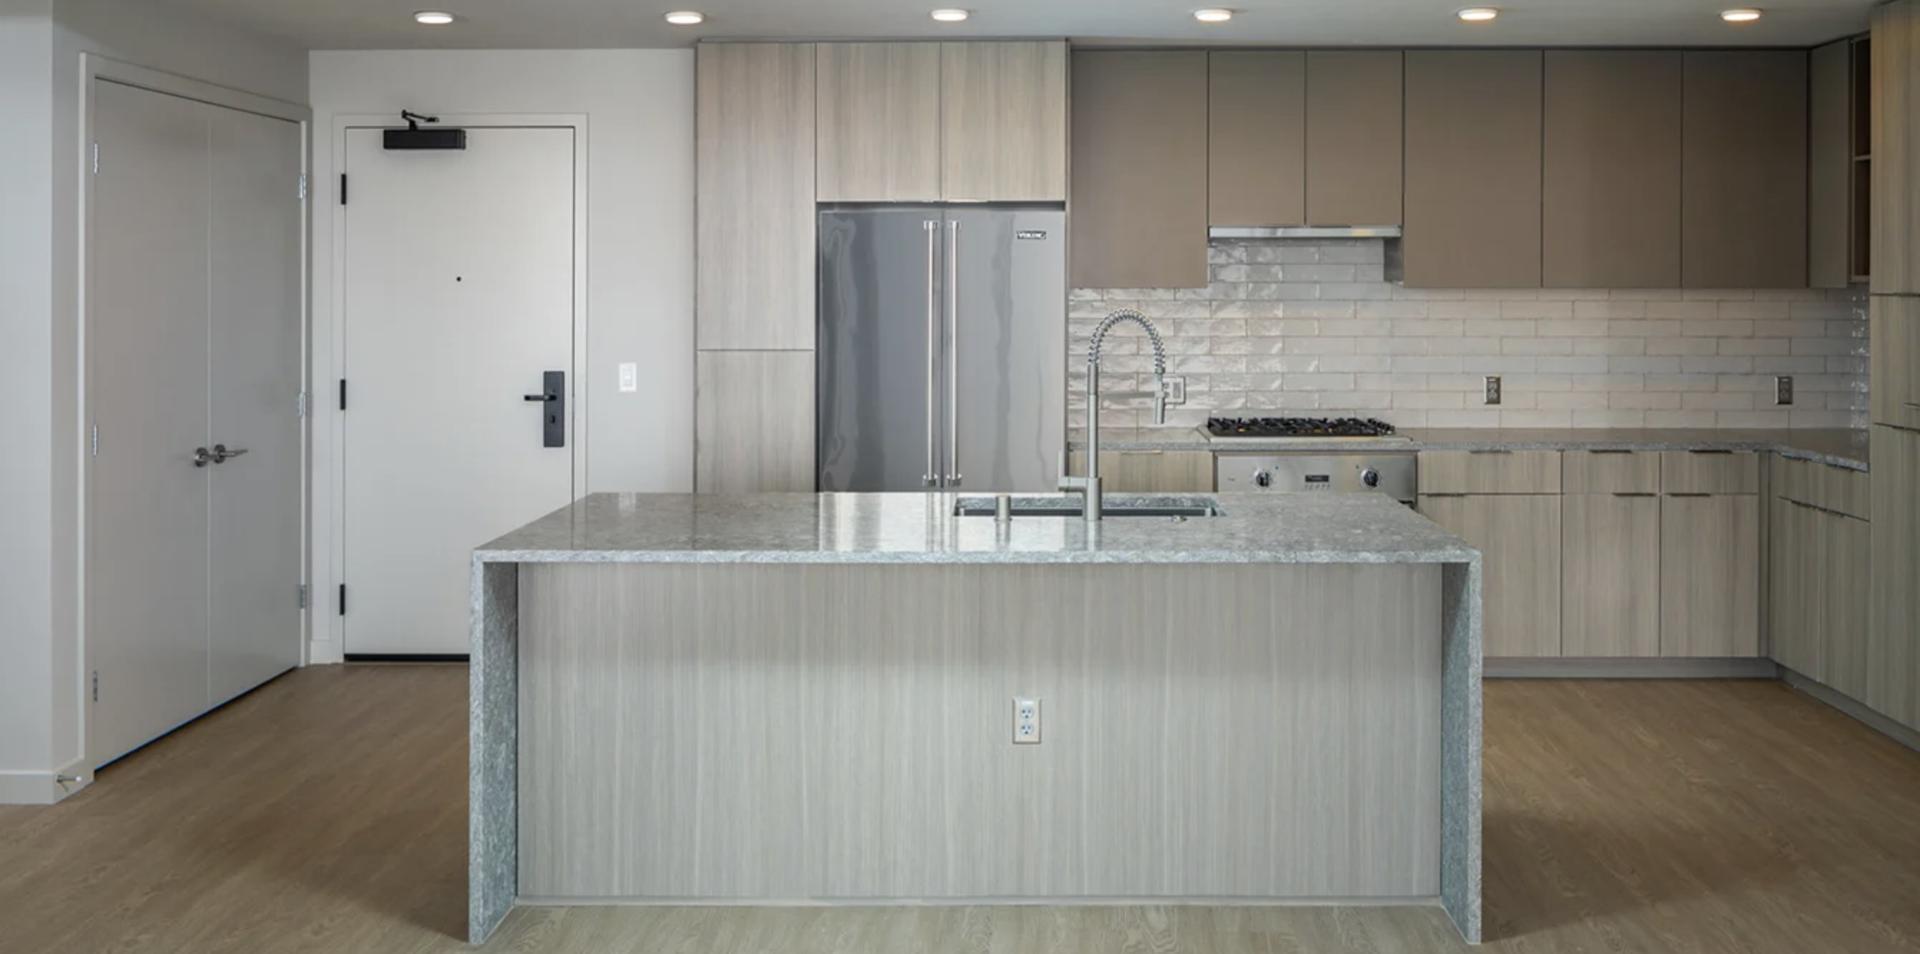 601 11th Avenue #1201, San Diego, CA - $3,695 USD/ month